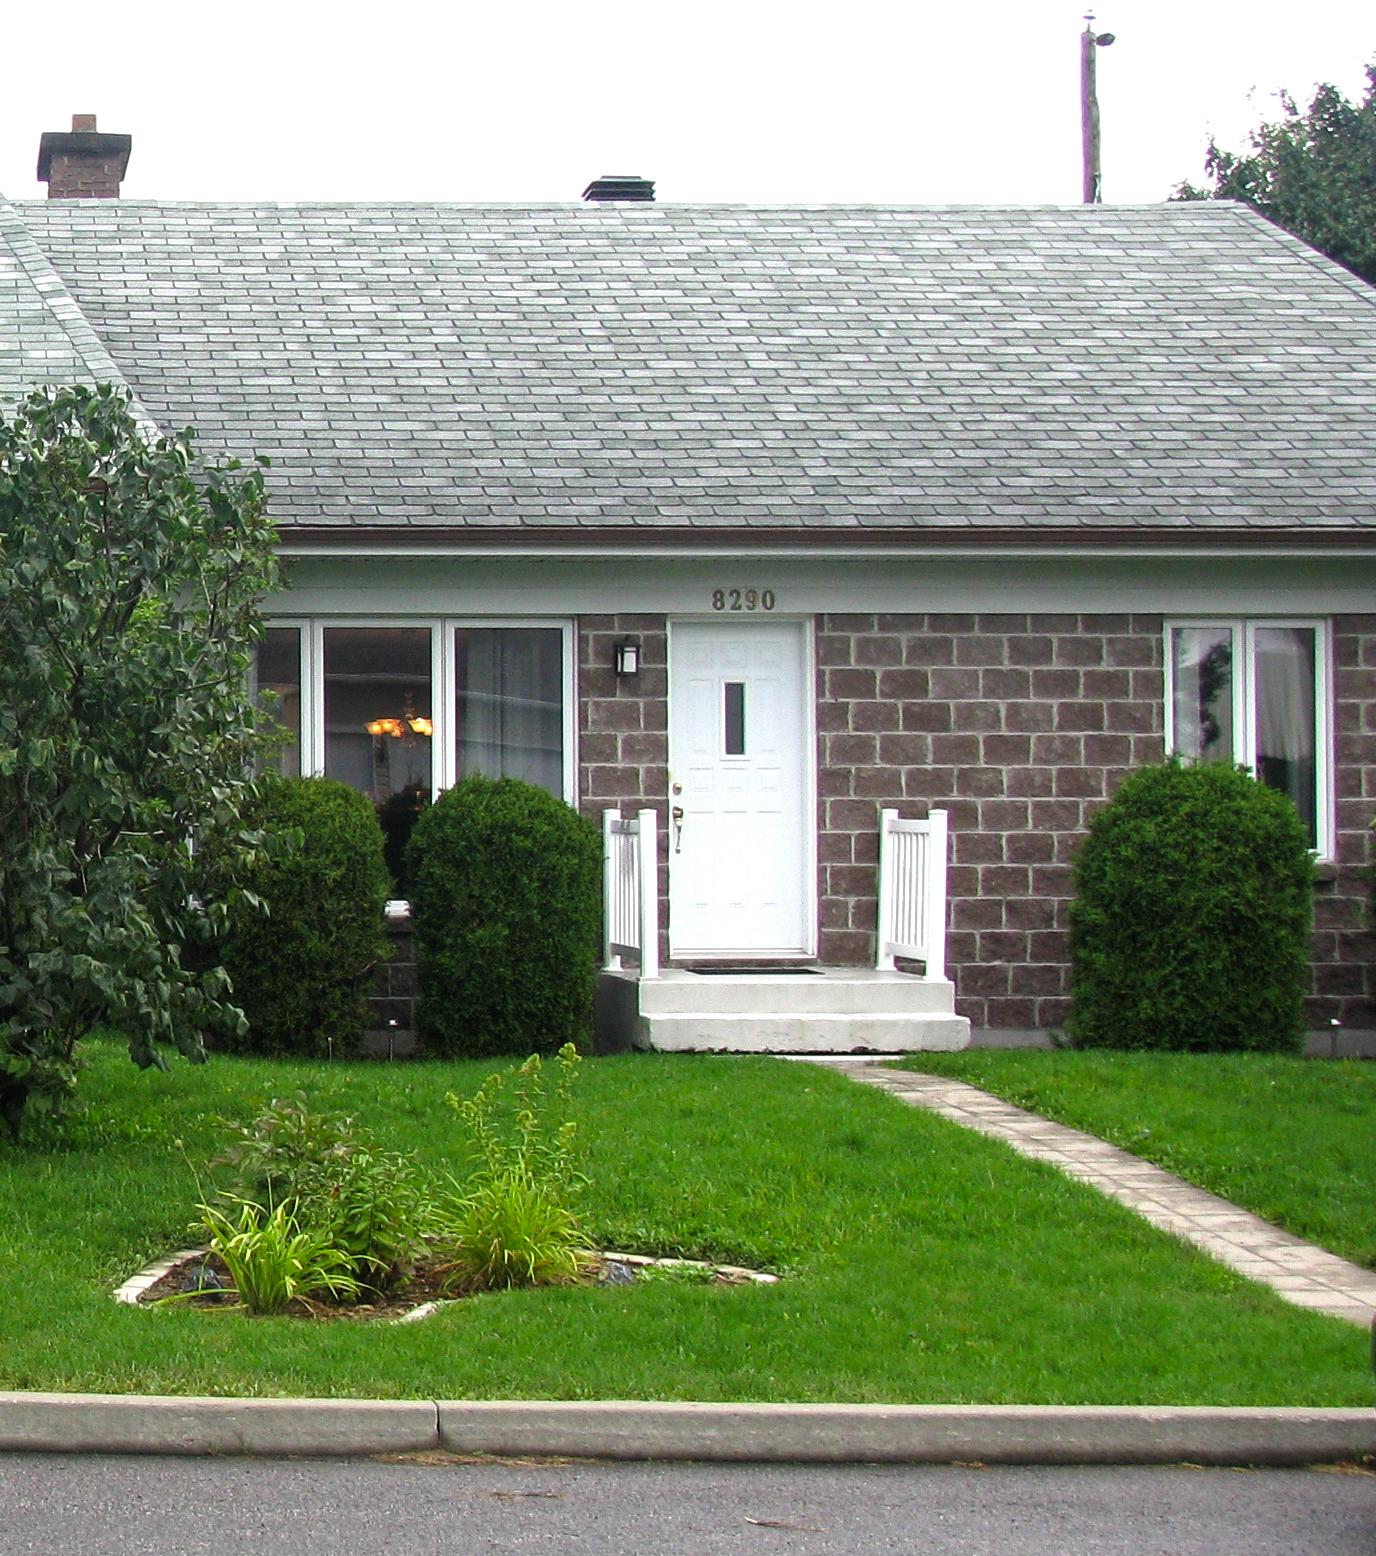 maison #1422672588